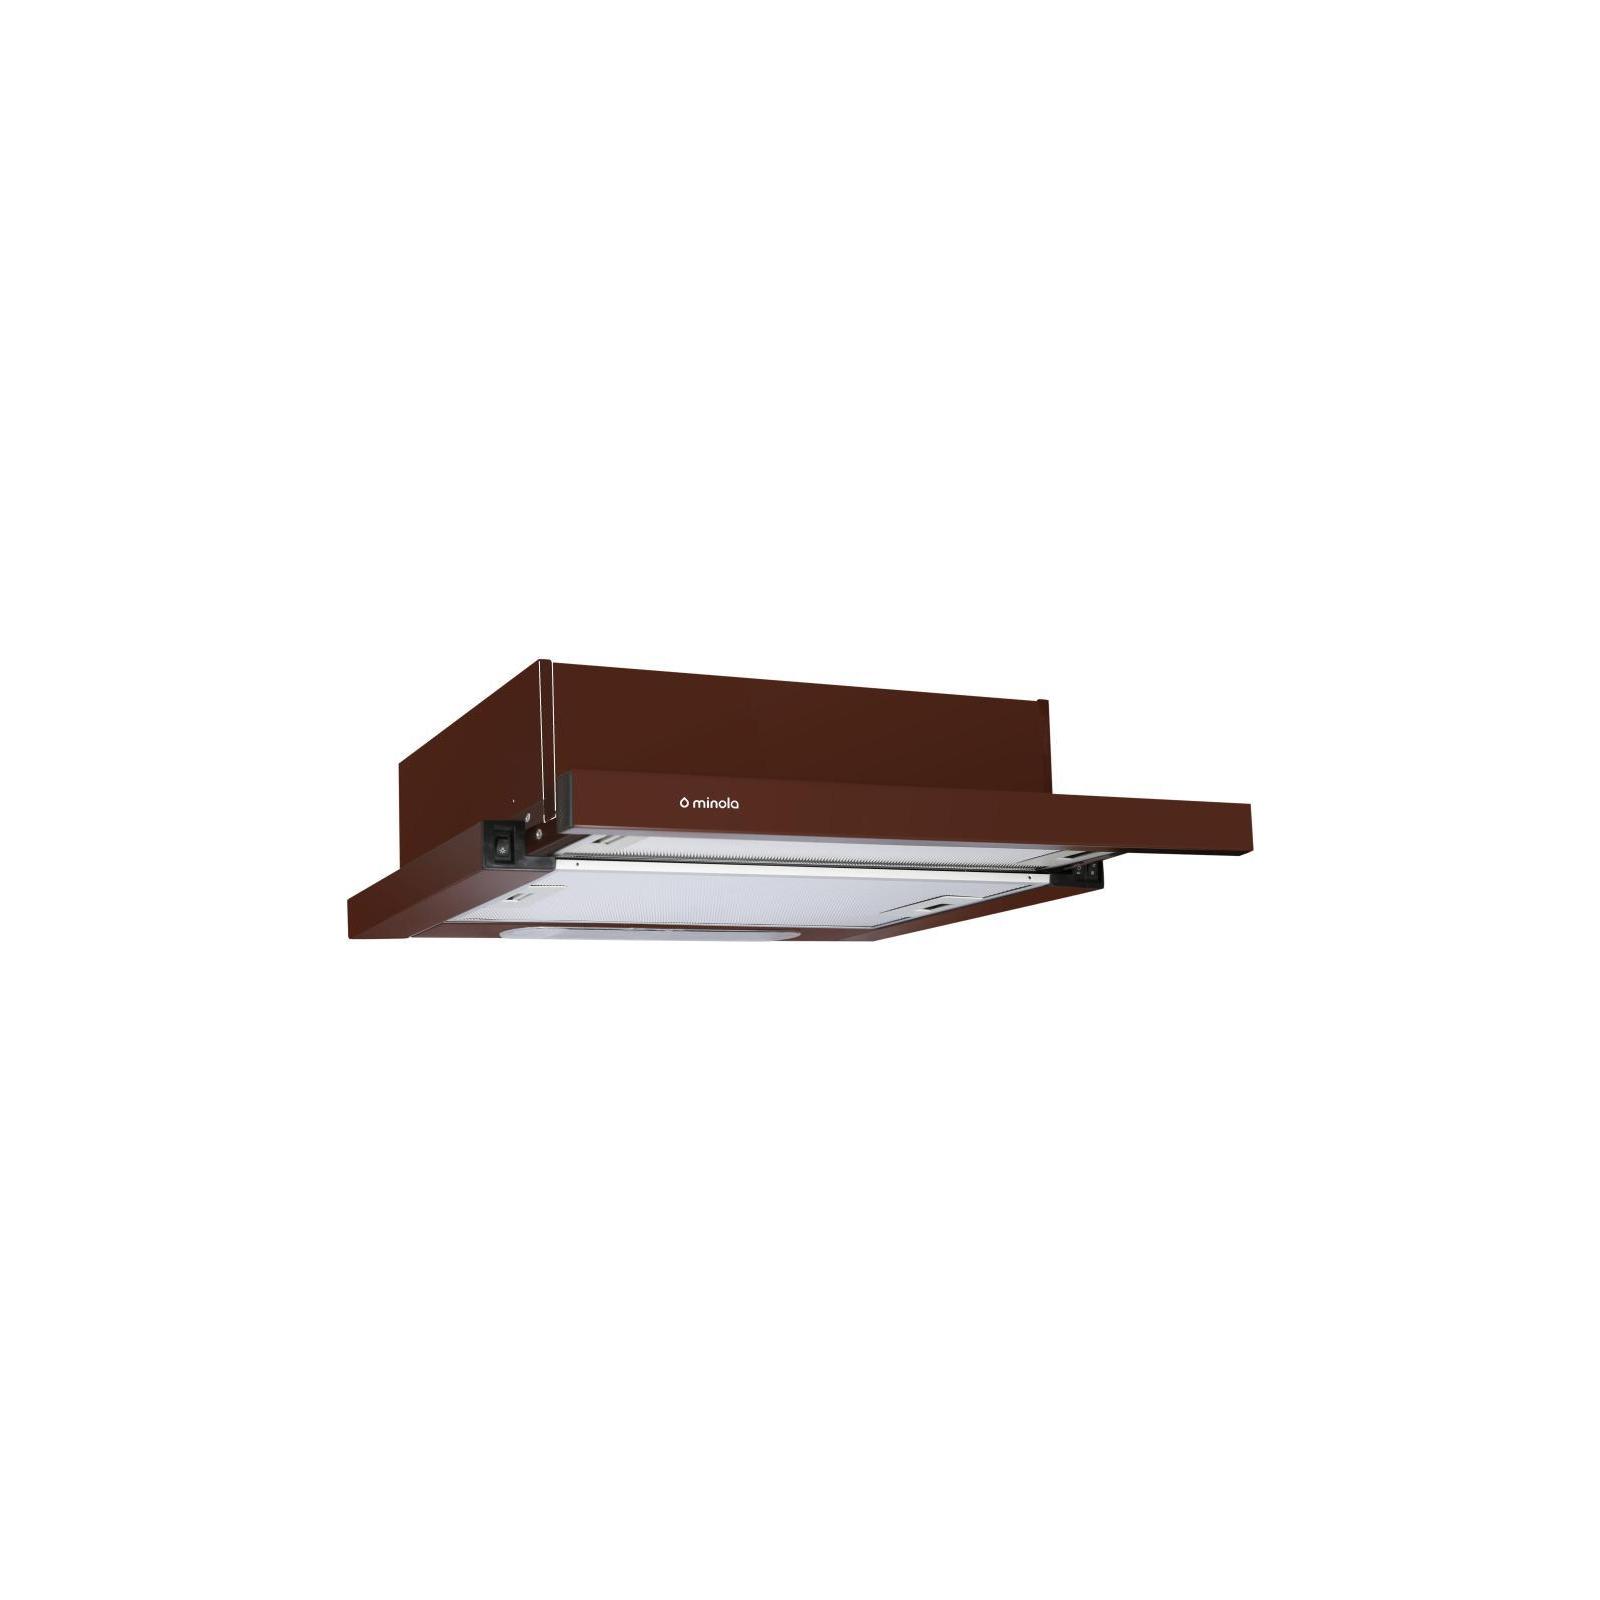 Вытяжка кухонная MINOLA HTL 6010 BR 430